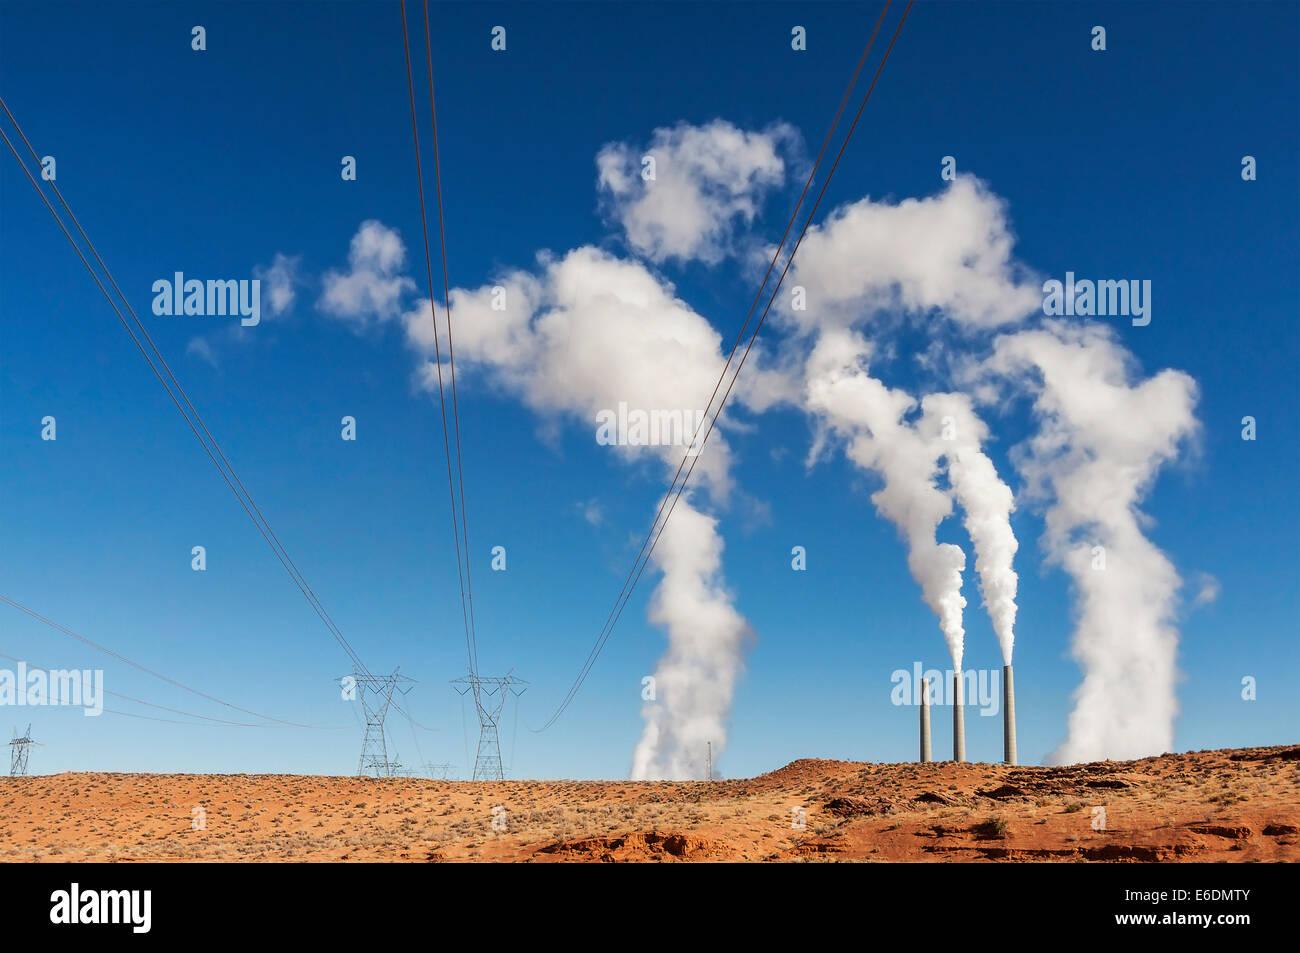 Energie-Industrie-Infrastruktur. Schornsteine mit weißer Rauch auf blauem Himmel, USA. Stockbild